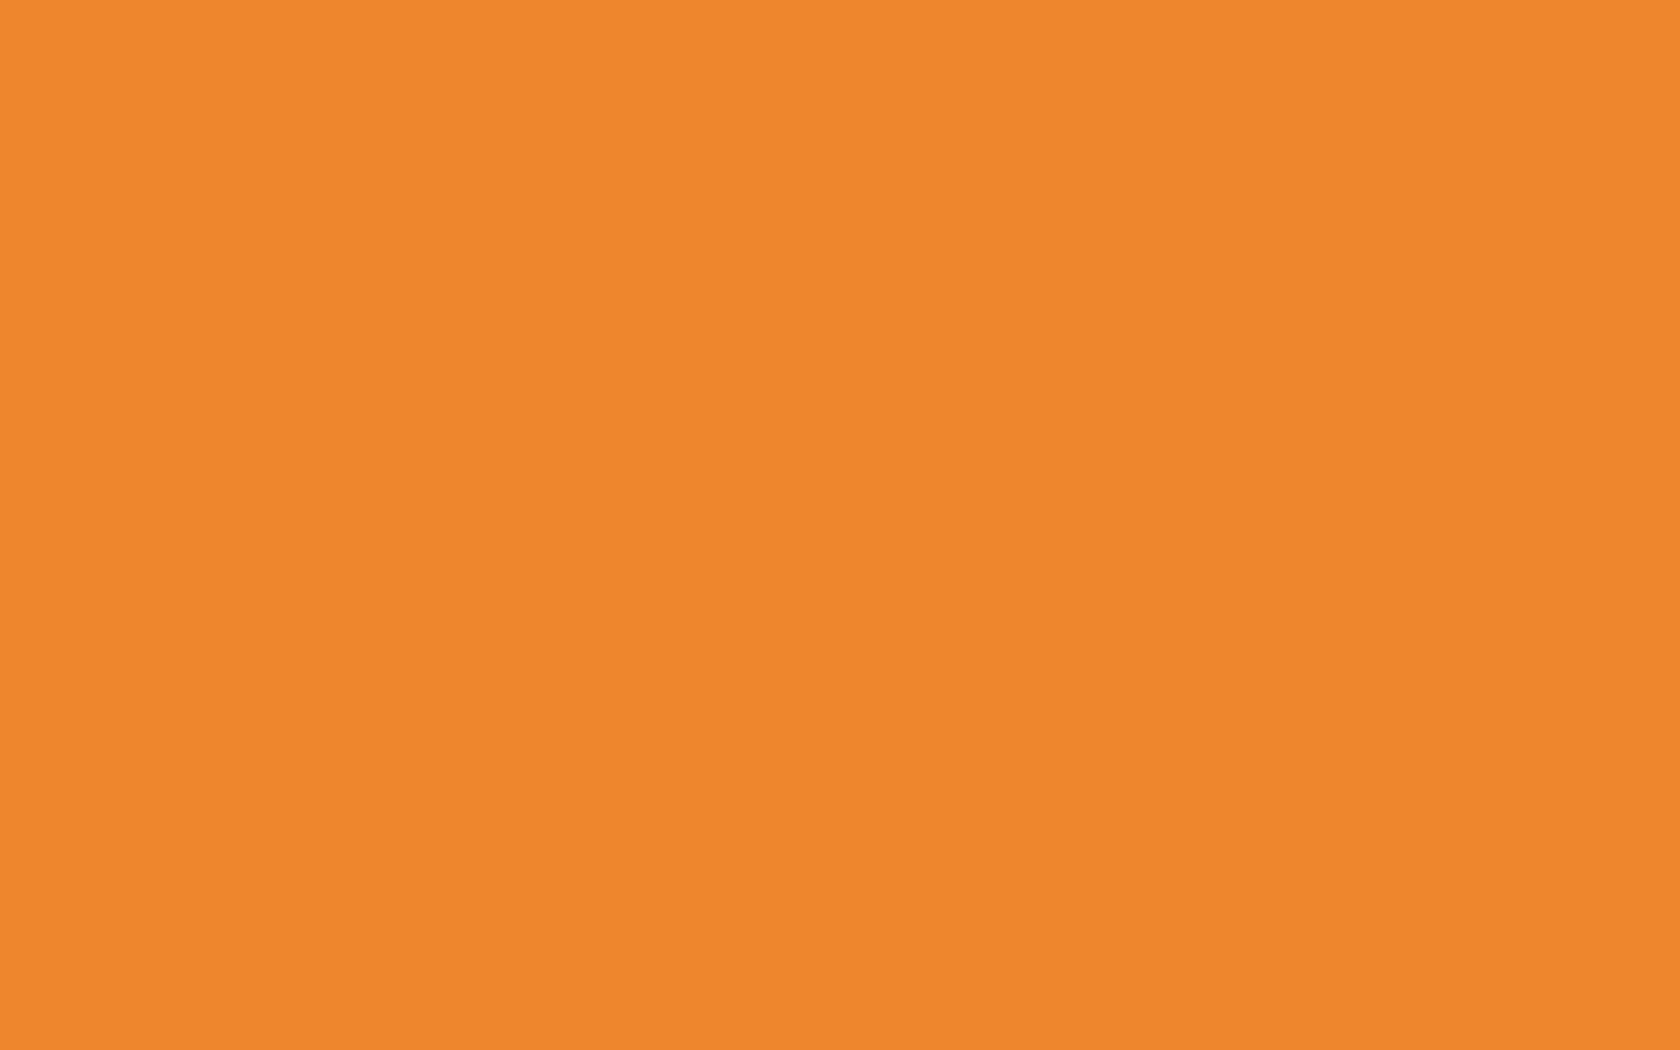 1680x1050 Cadmium Orange Solid Color Background